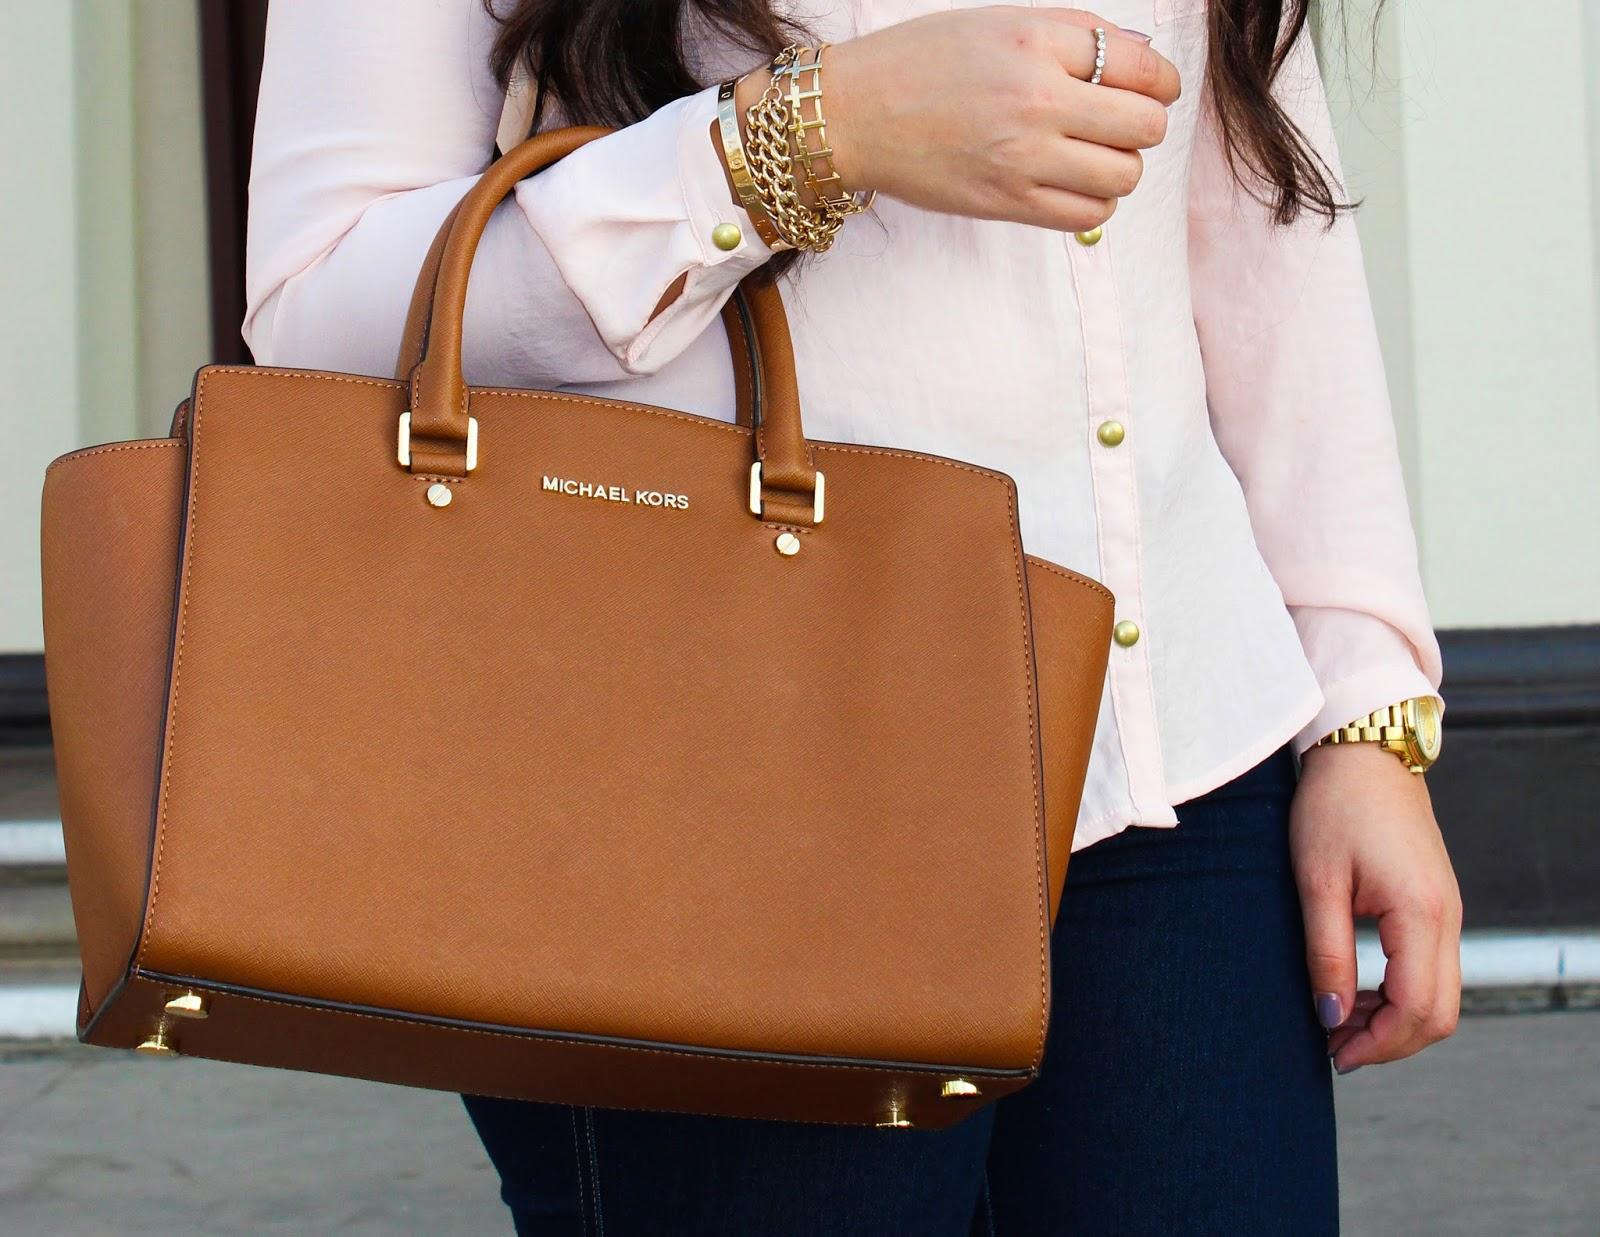 da967b072662 С их помощью можно создать очень красивые и женственные образы. Сегодня мы  поговорим о модных сумках коричневого цвета, которые относятся к вечной  классике.